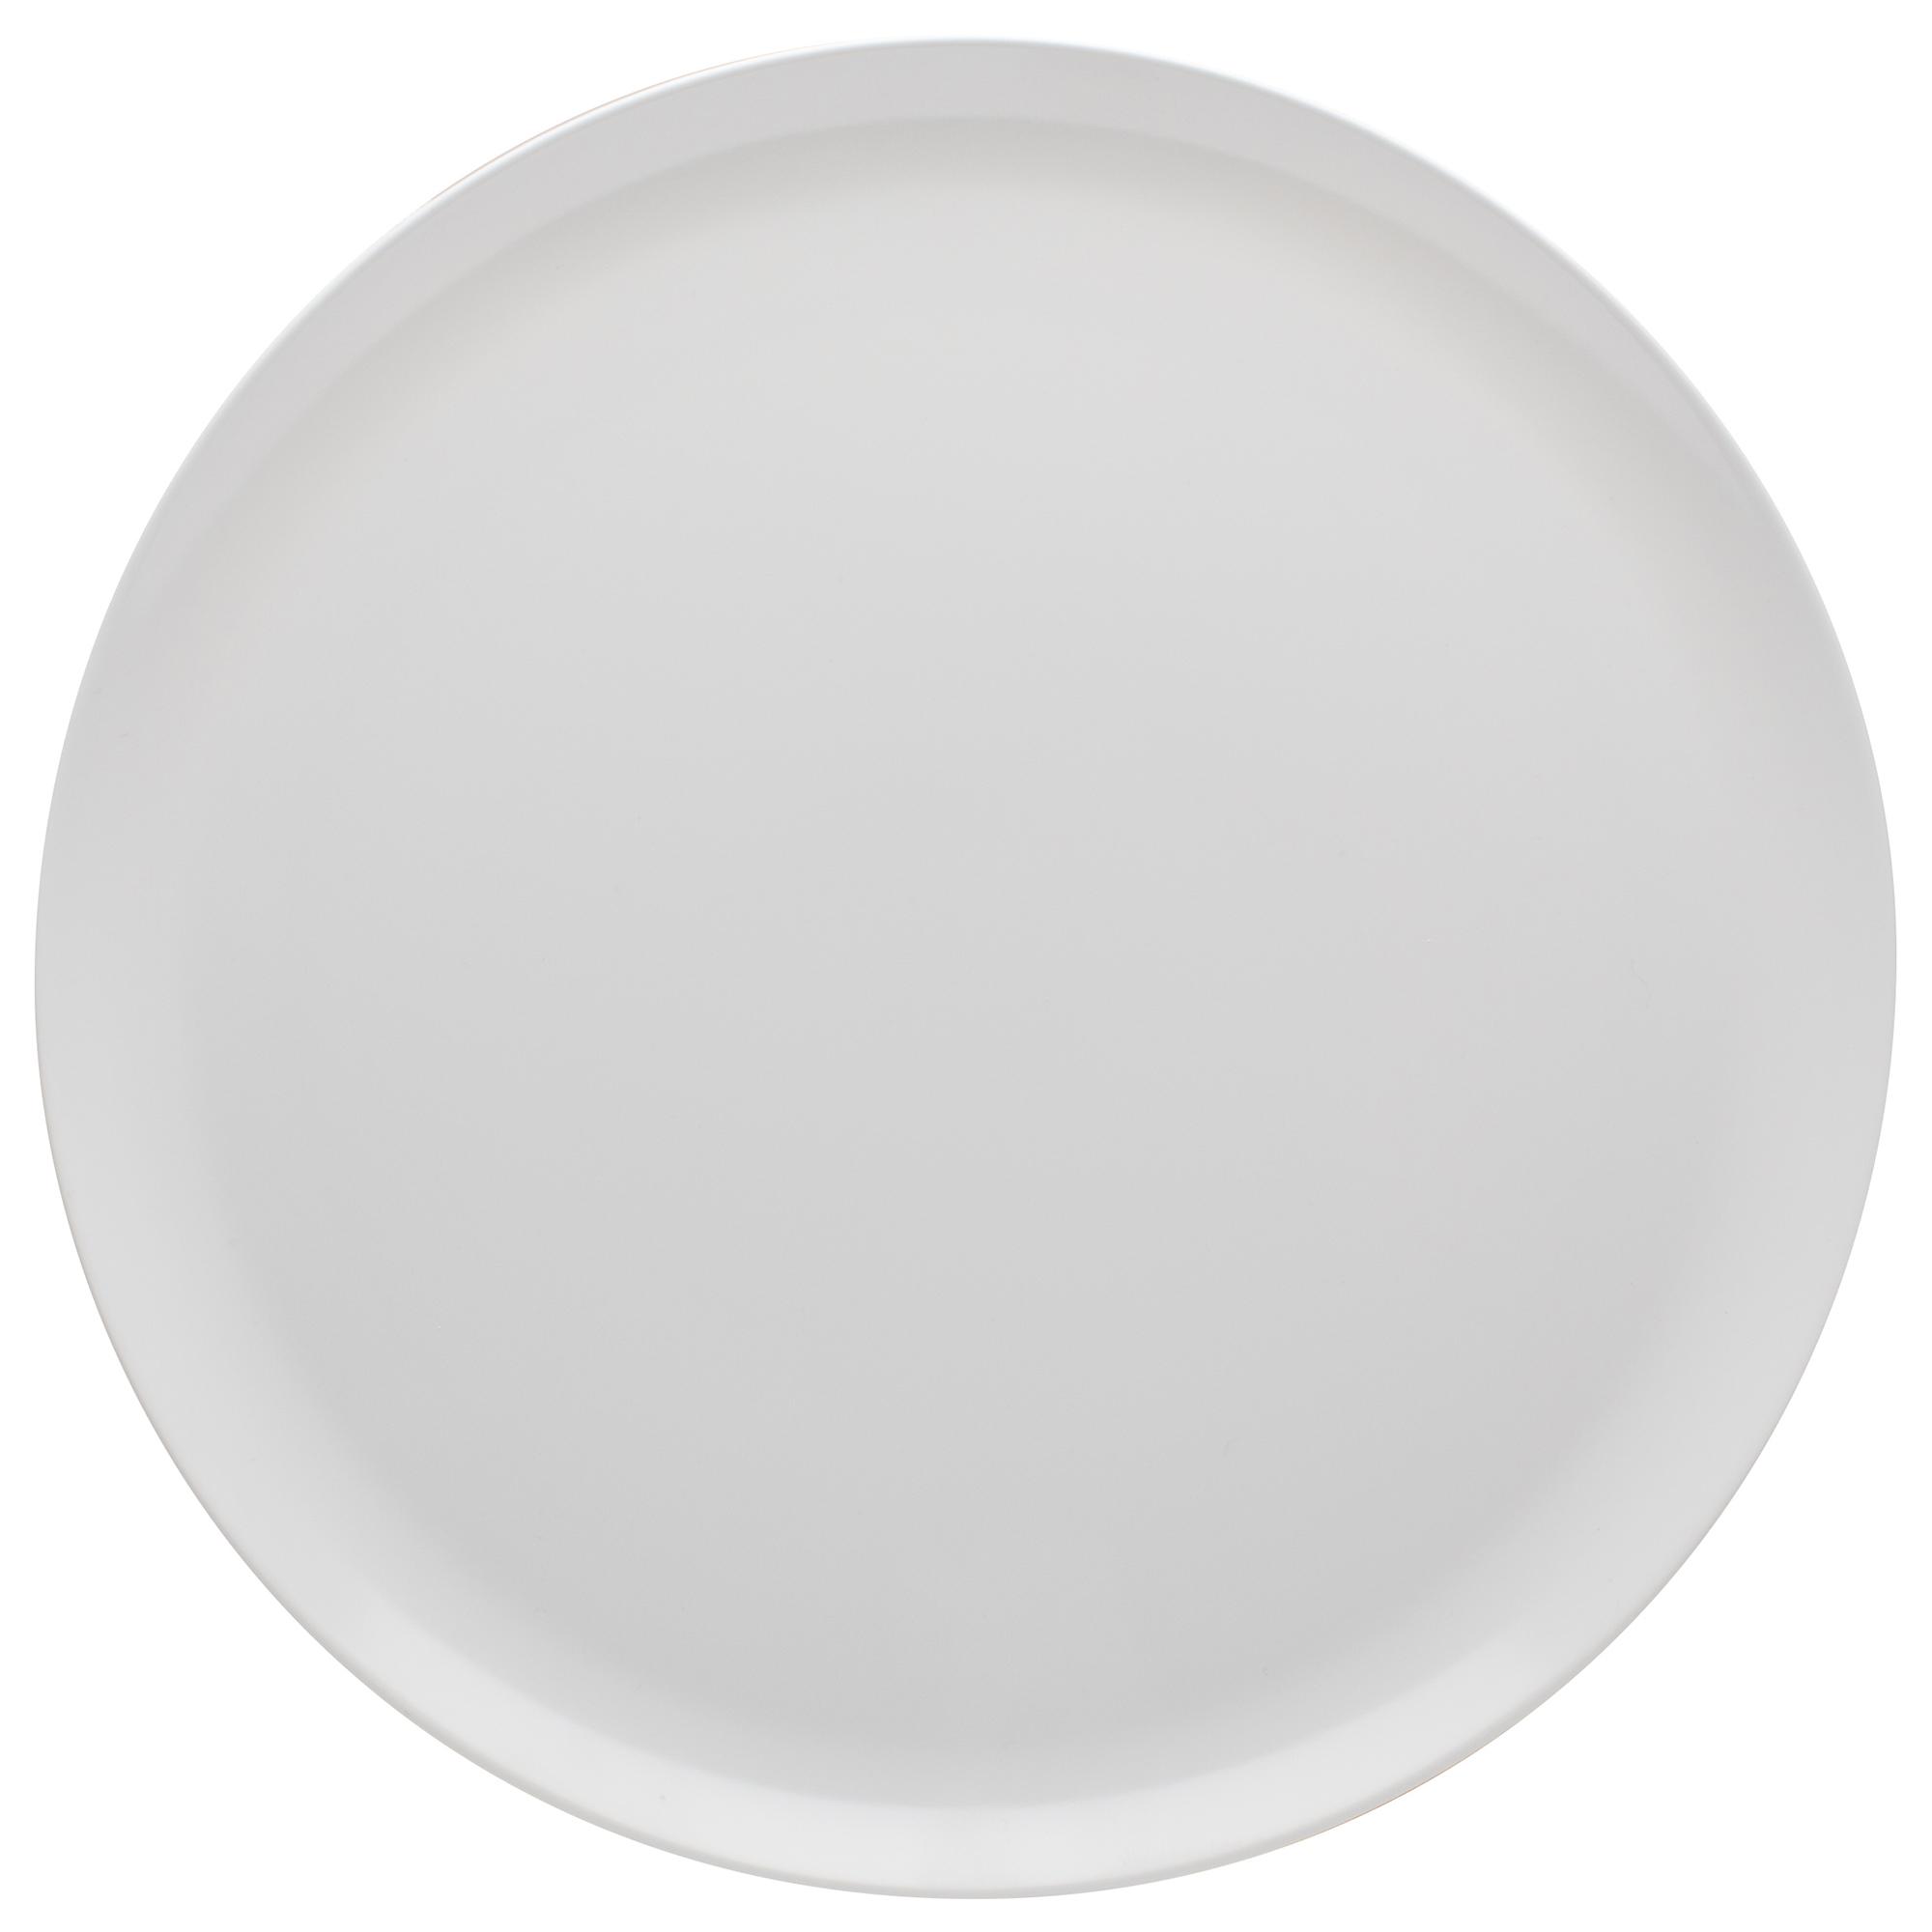 Everyday Melamine Plate, White, 2-piece set slideshow image 2